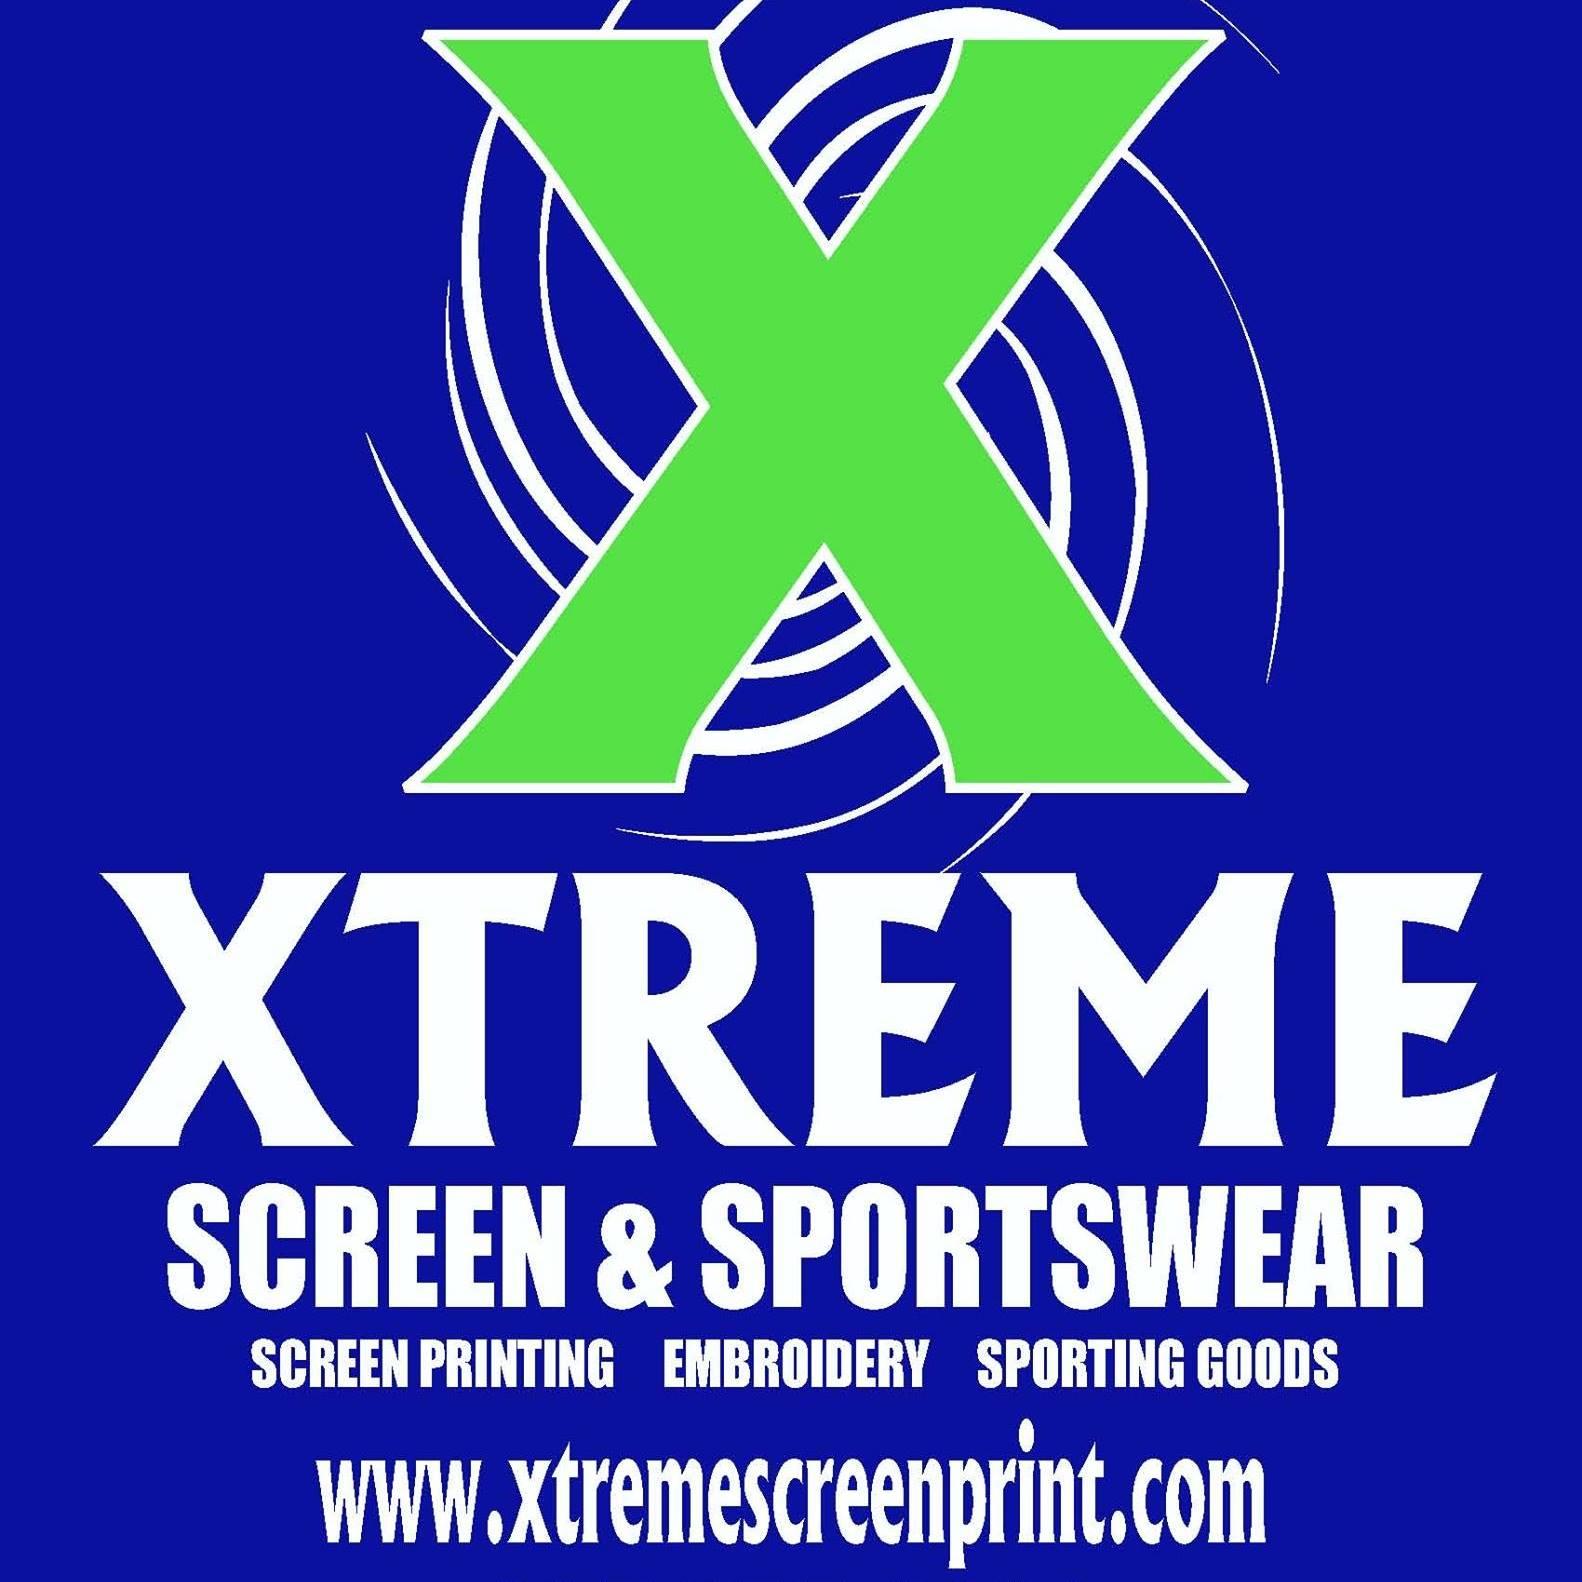 Xtreme Screen Print & Sportswear